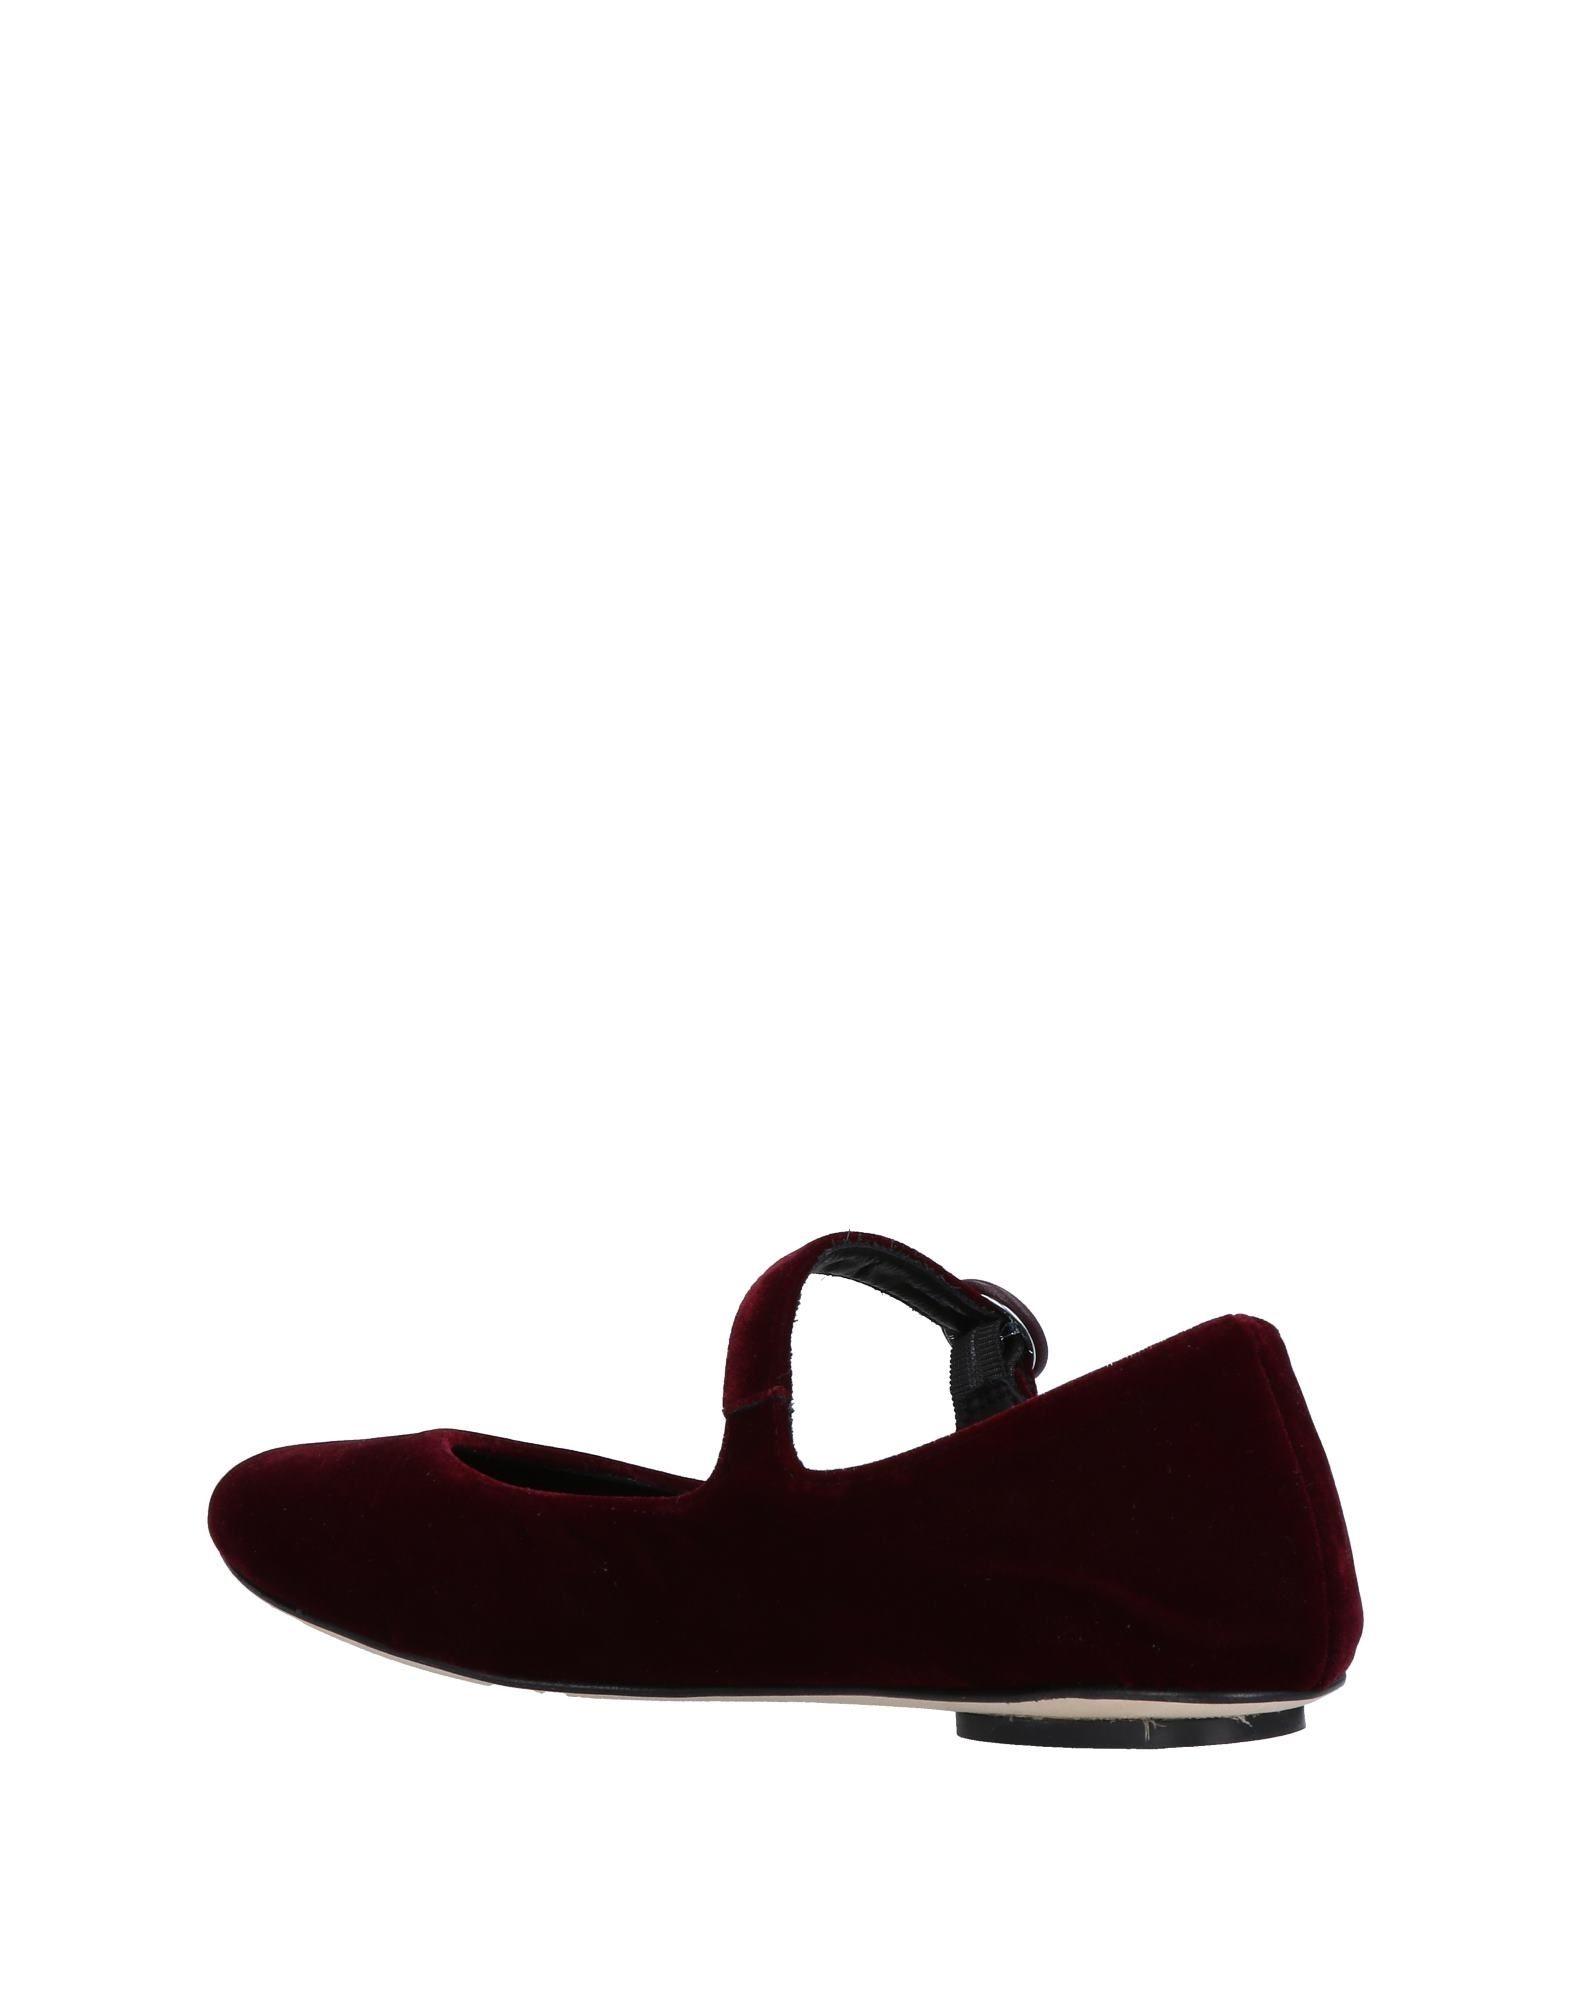 By A. Ballerinas Damen  Schuhe 11474983DX Gute Qualität beliebte Schuhe  d0fa0b